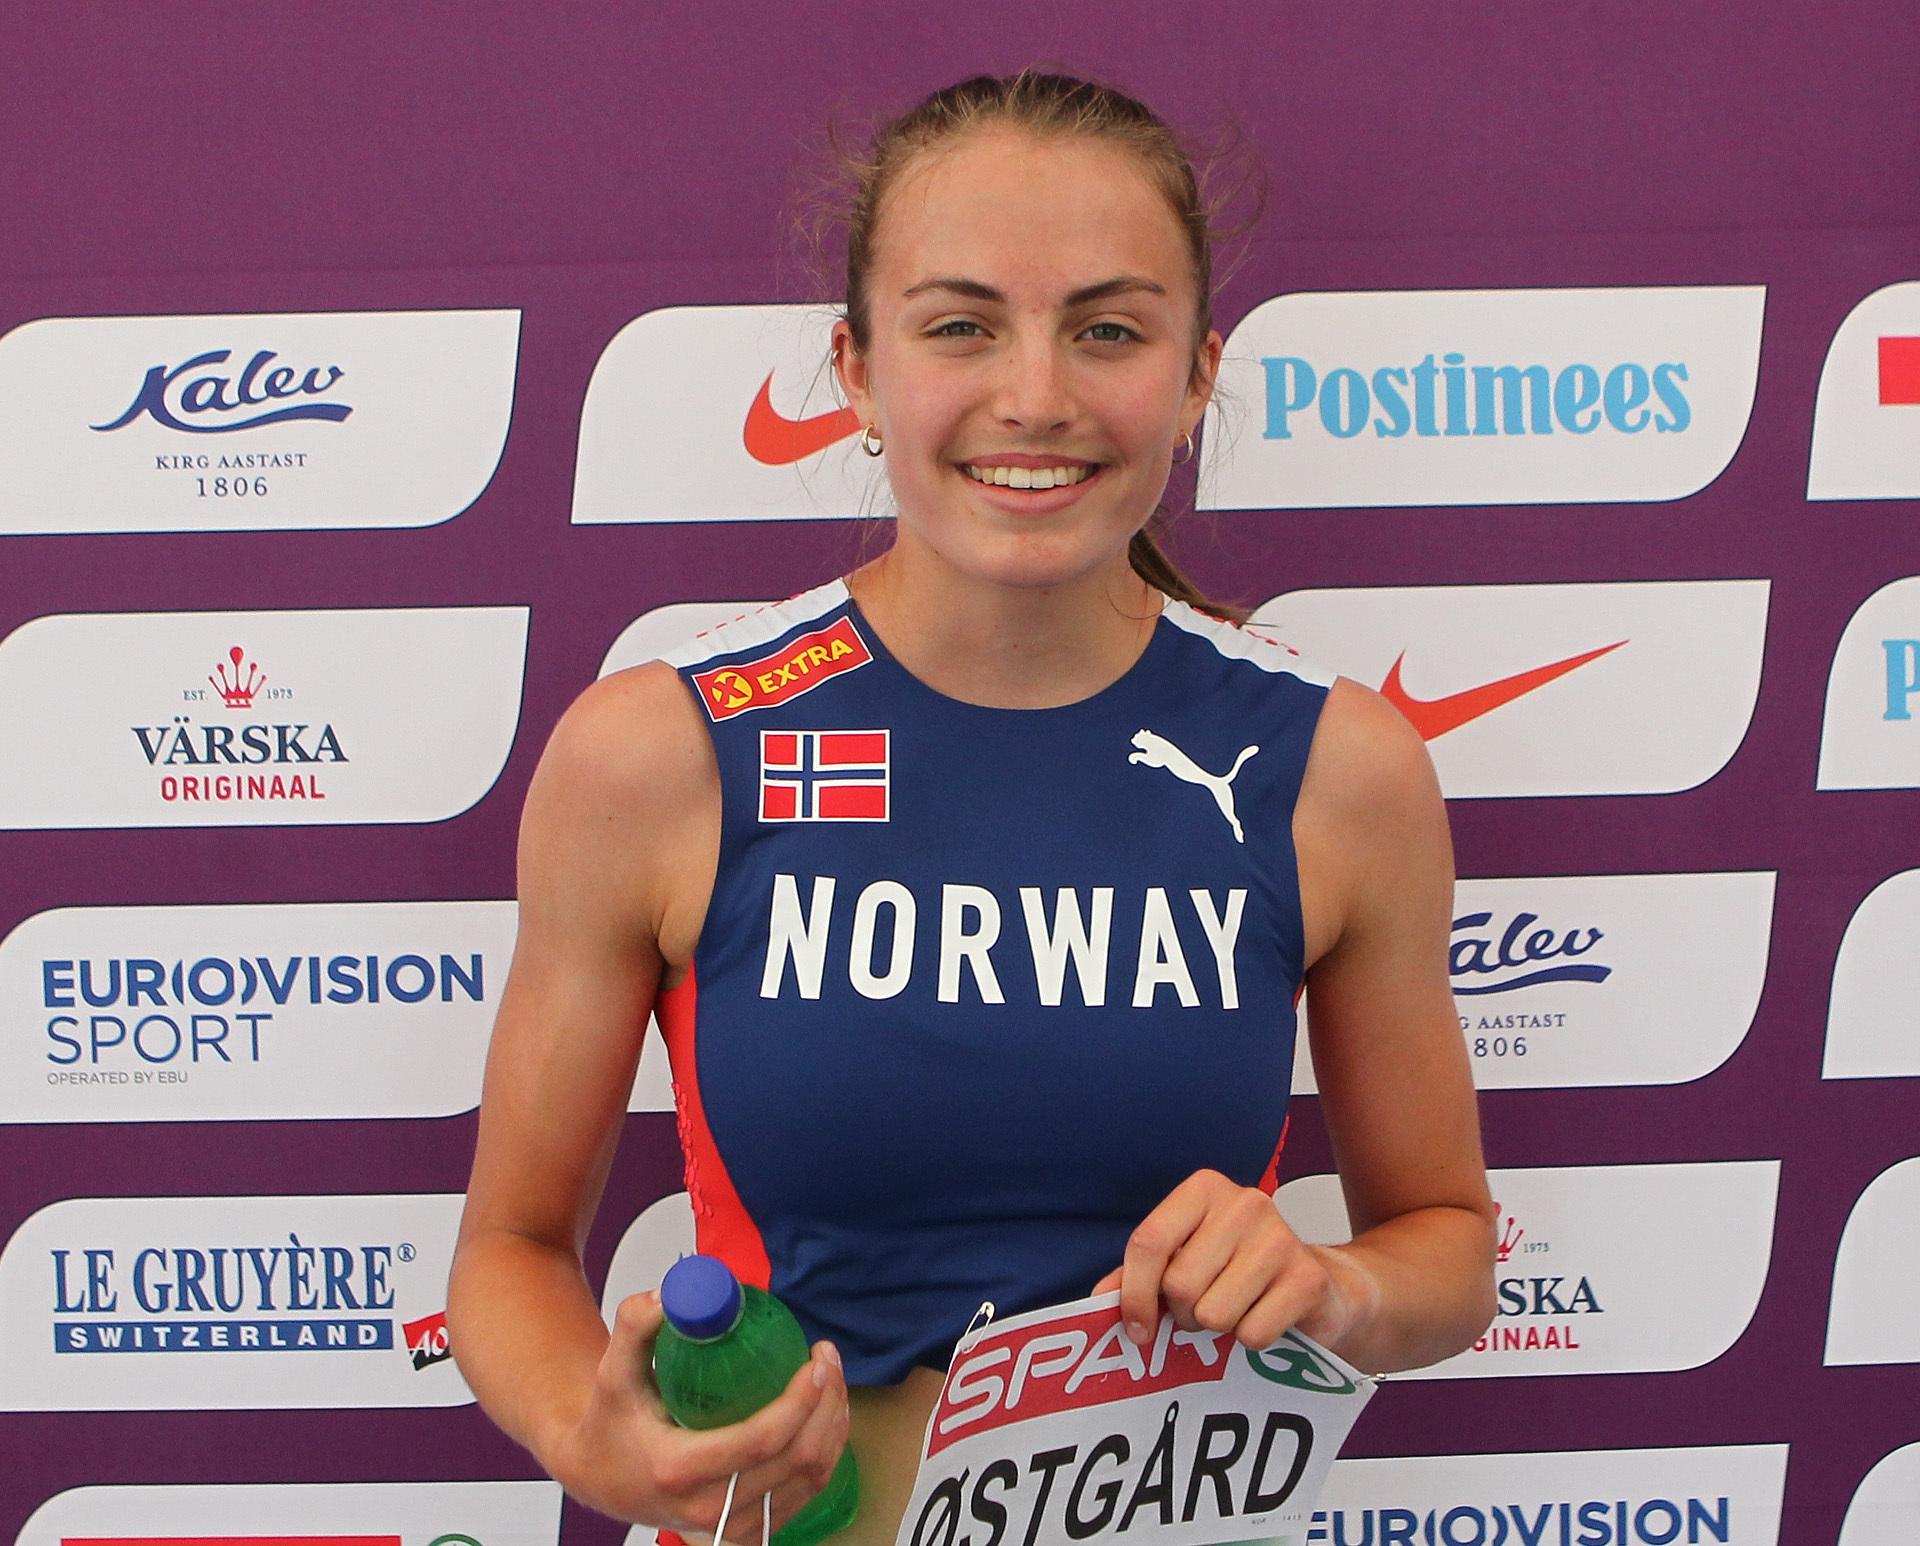 Ingeborg_Oestgaard_i_mikssonen_A20G2867.jpg